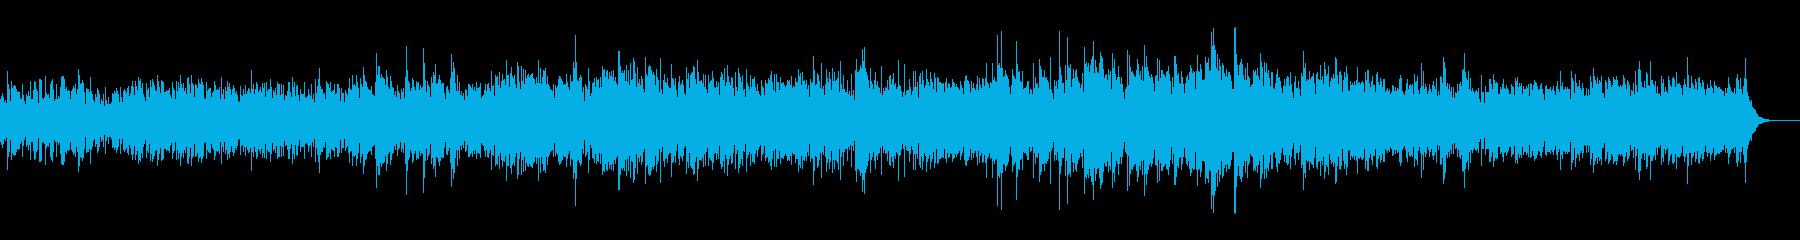 沖縄音階をテーマにした可愛らしいBGMの再生済みの波形